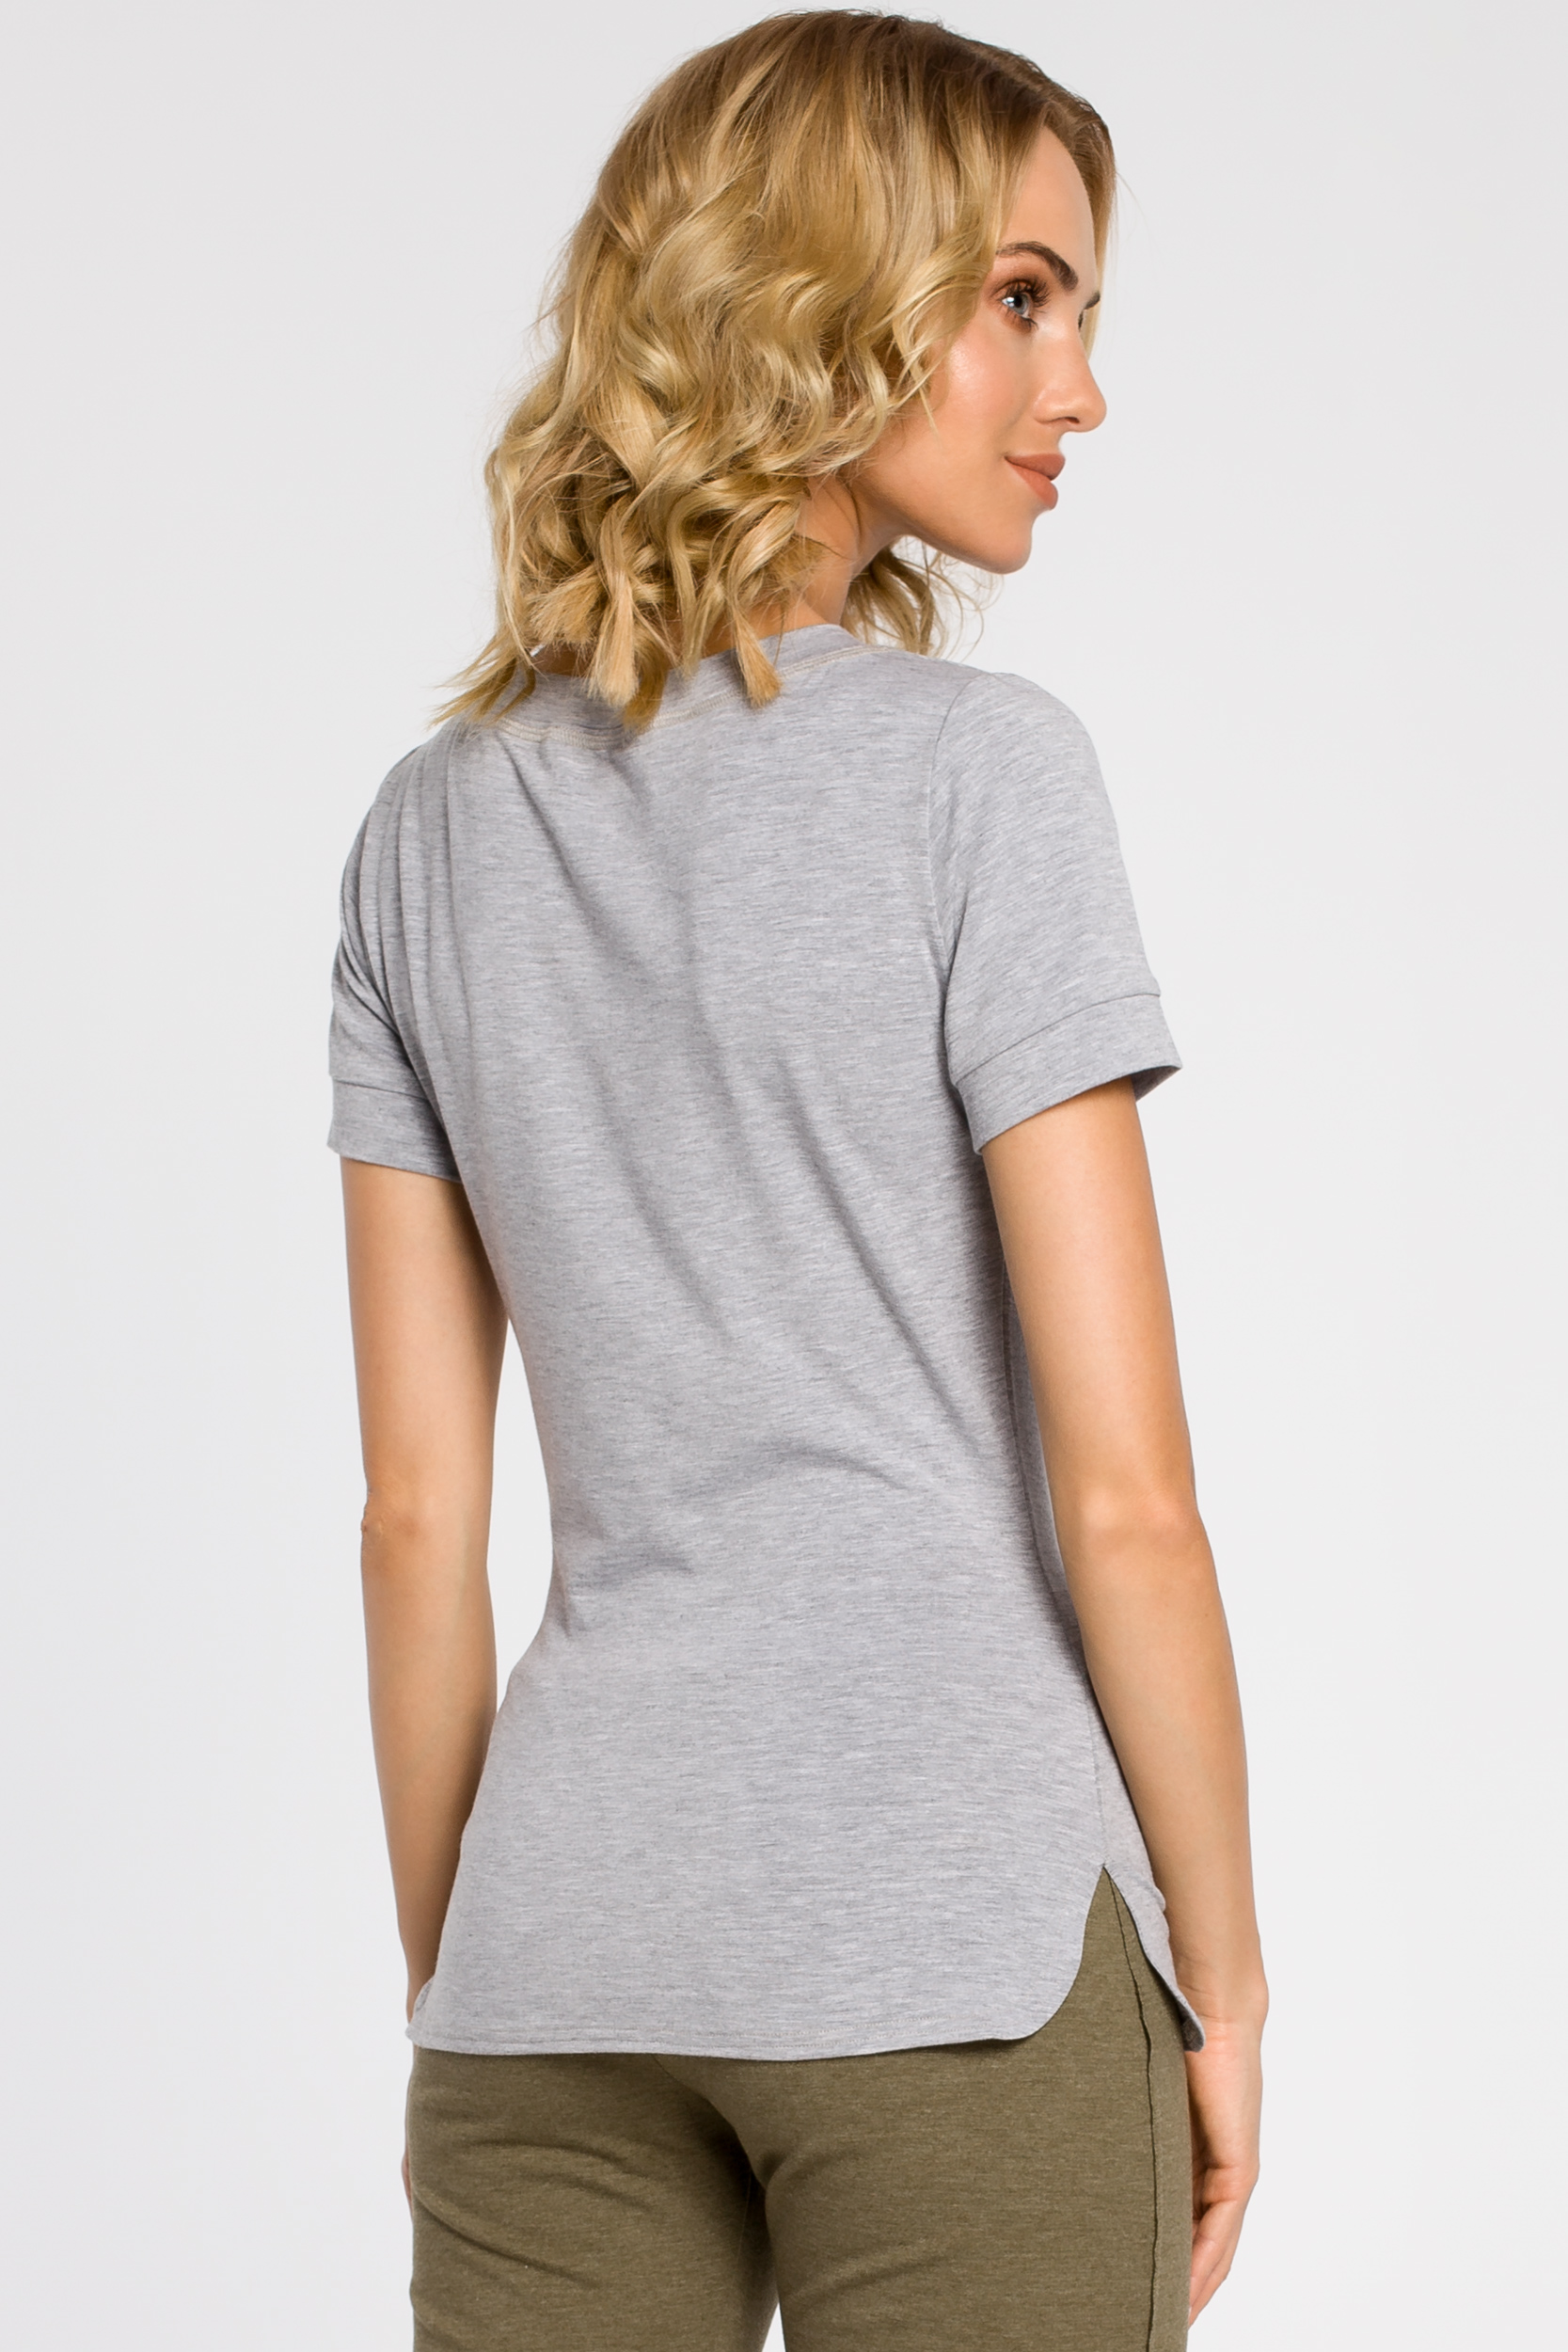 CM1558 Klasyczna koszulka damska z krótkim rękawem - szara